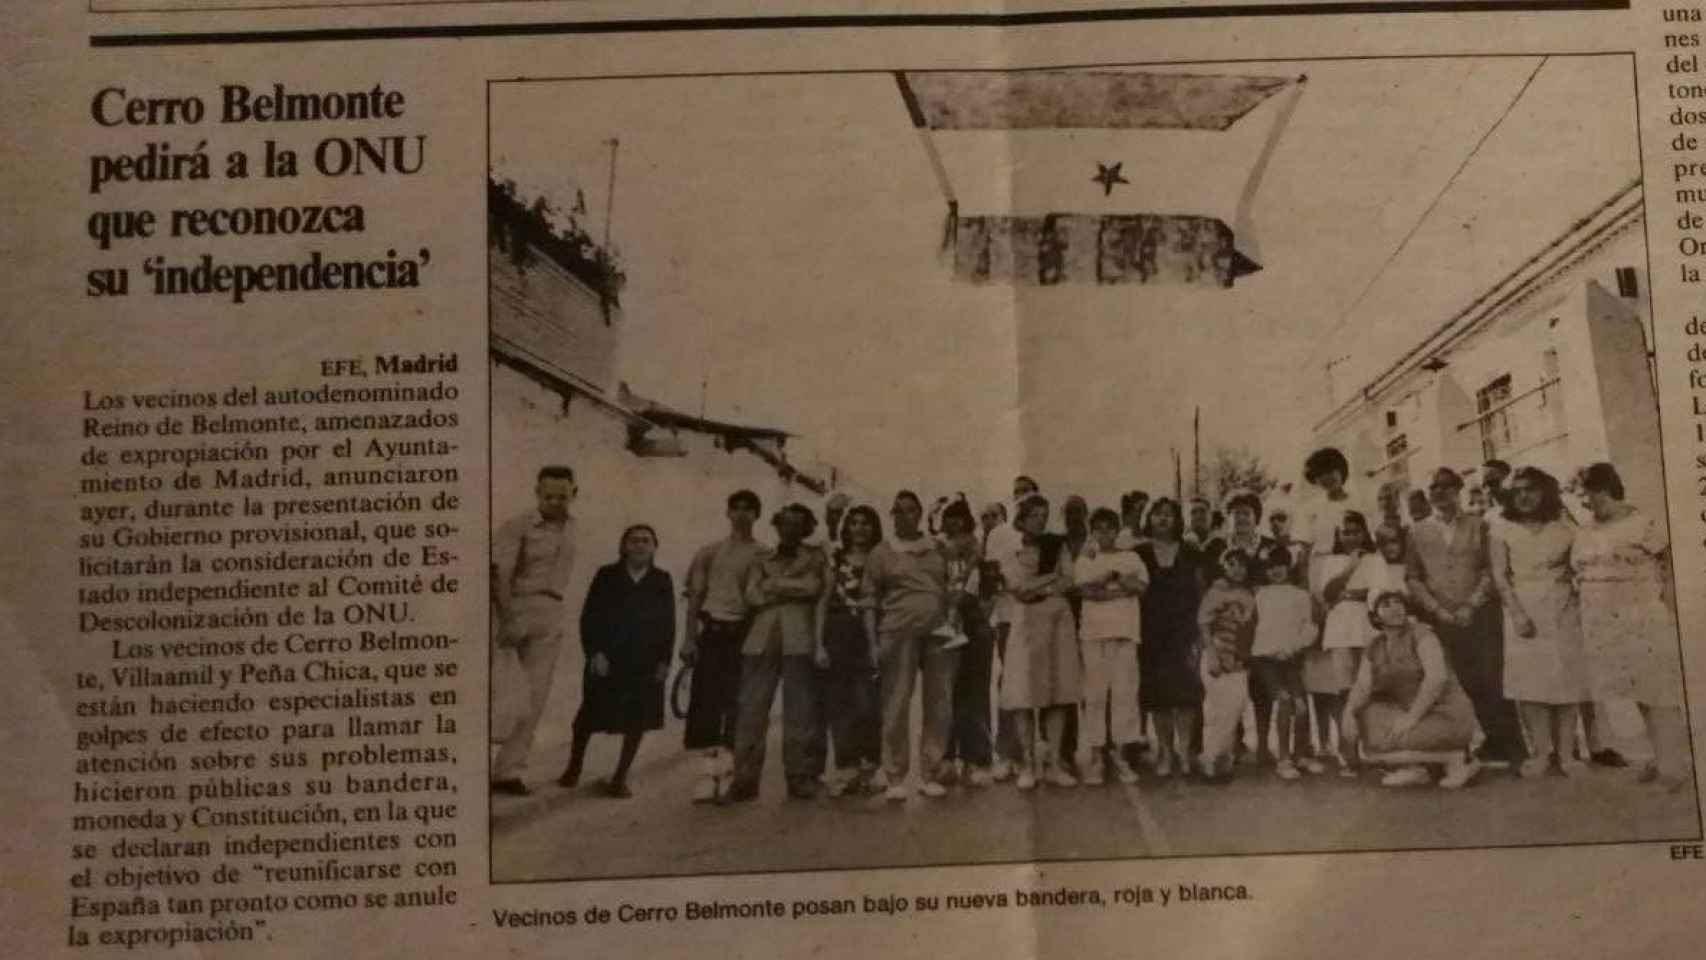 Los vecinos de Cerro Belmonte, bajo su nueva bandera con la estrella expropiada a Madrid